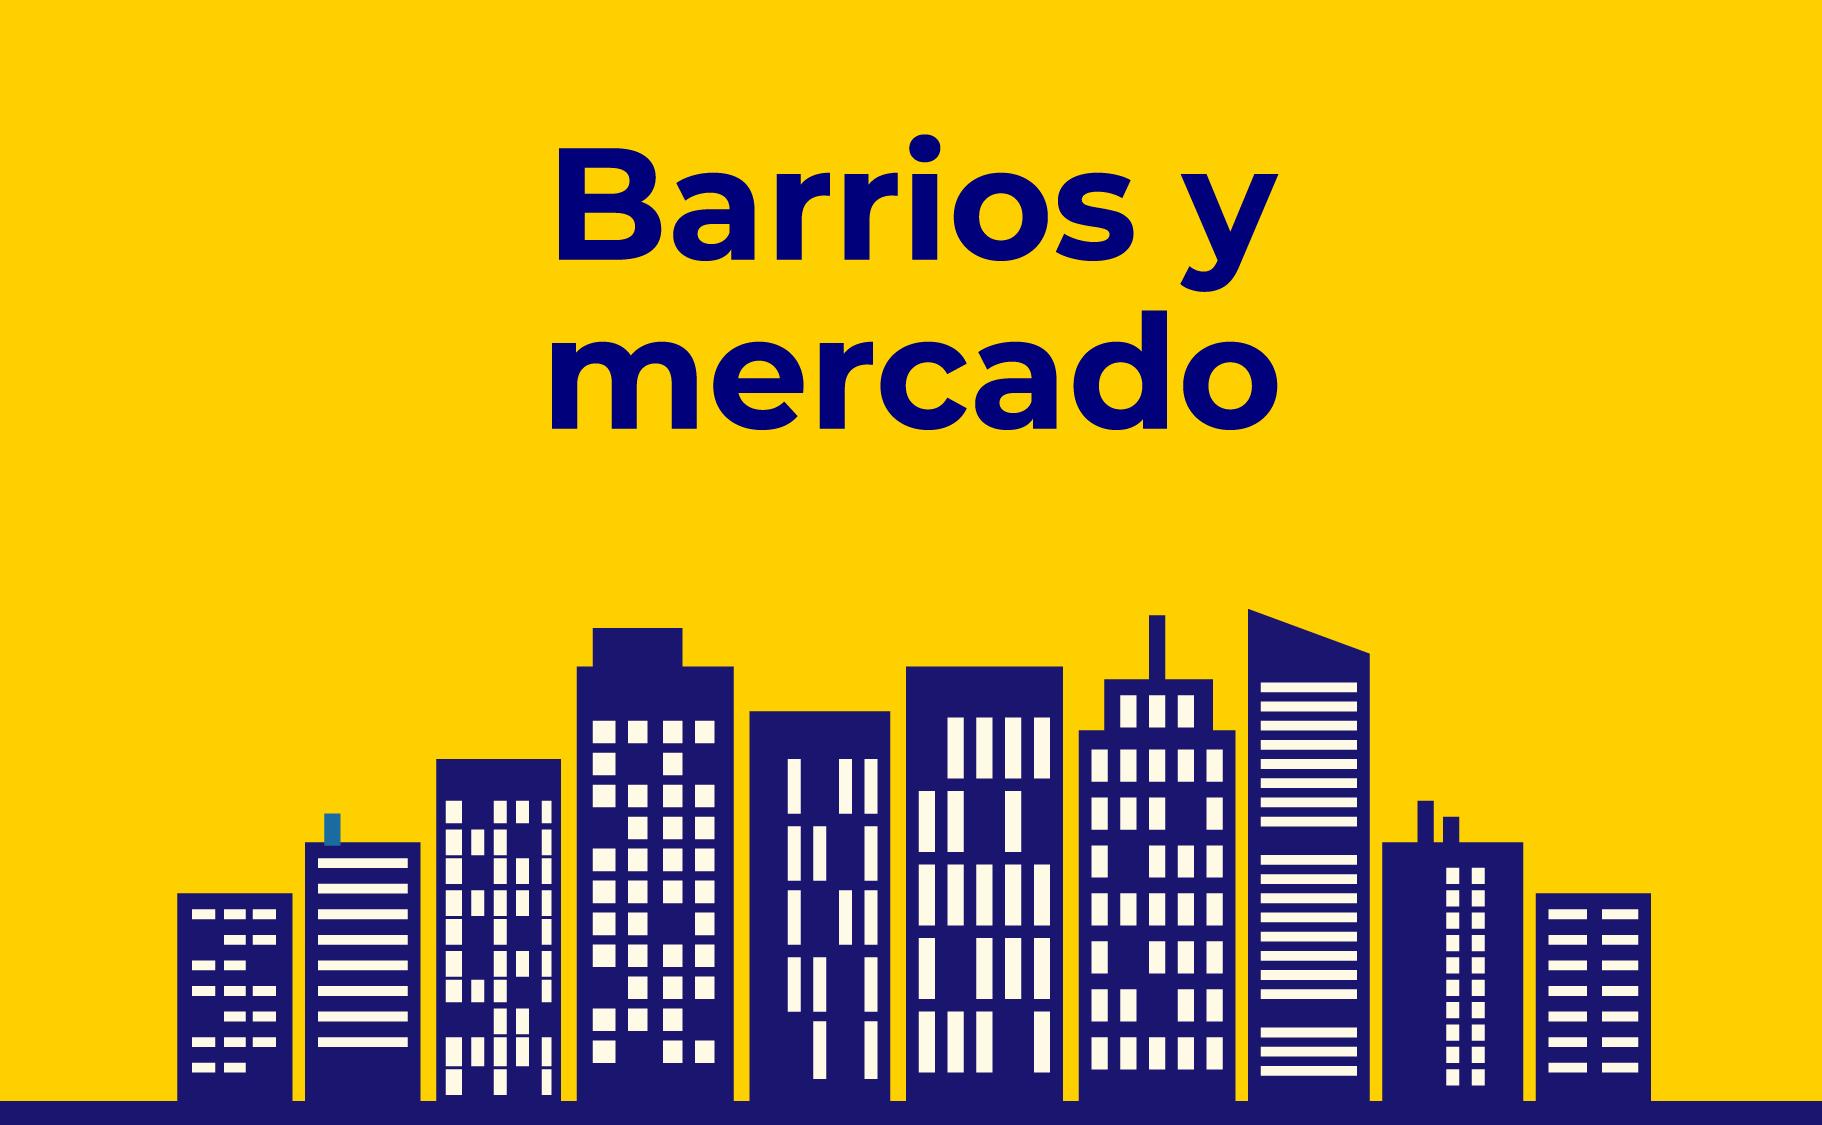 Barrios y mercado inmobiliario